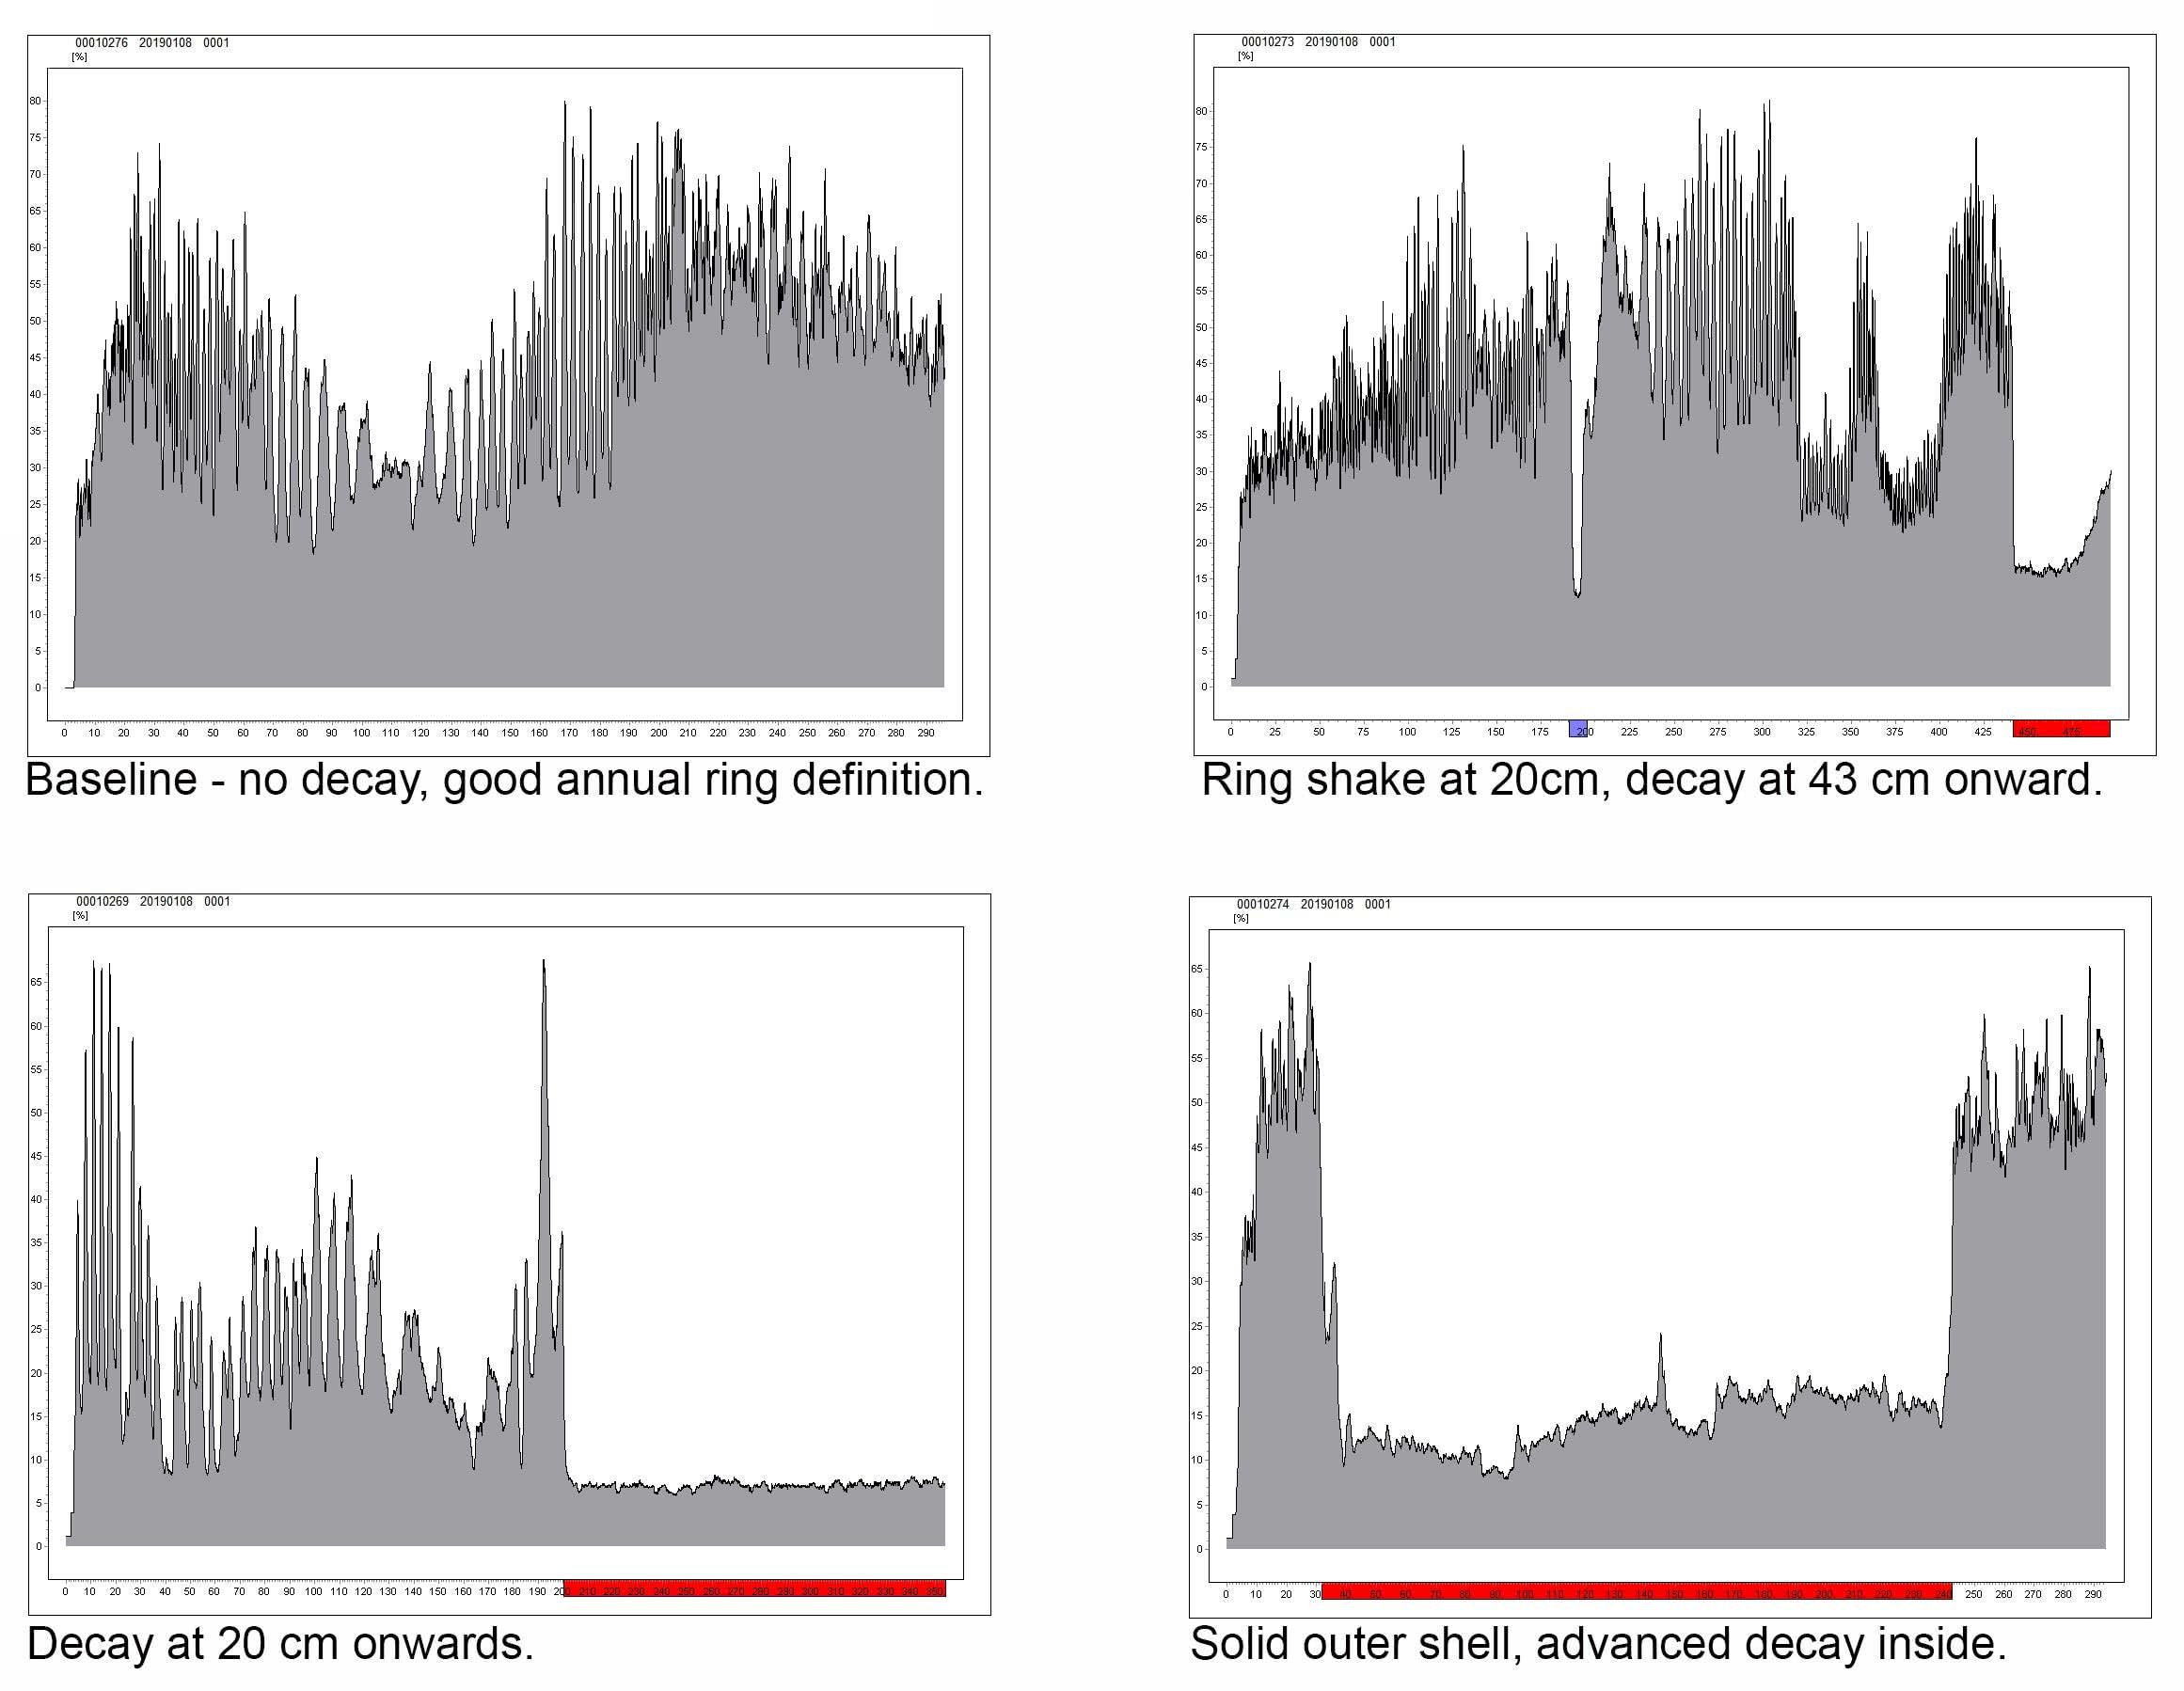 Rinntech Resistograph Graphs